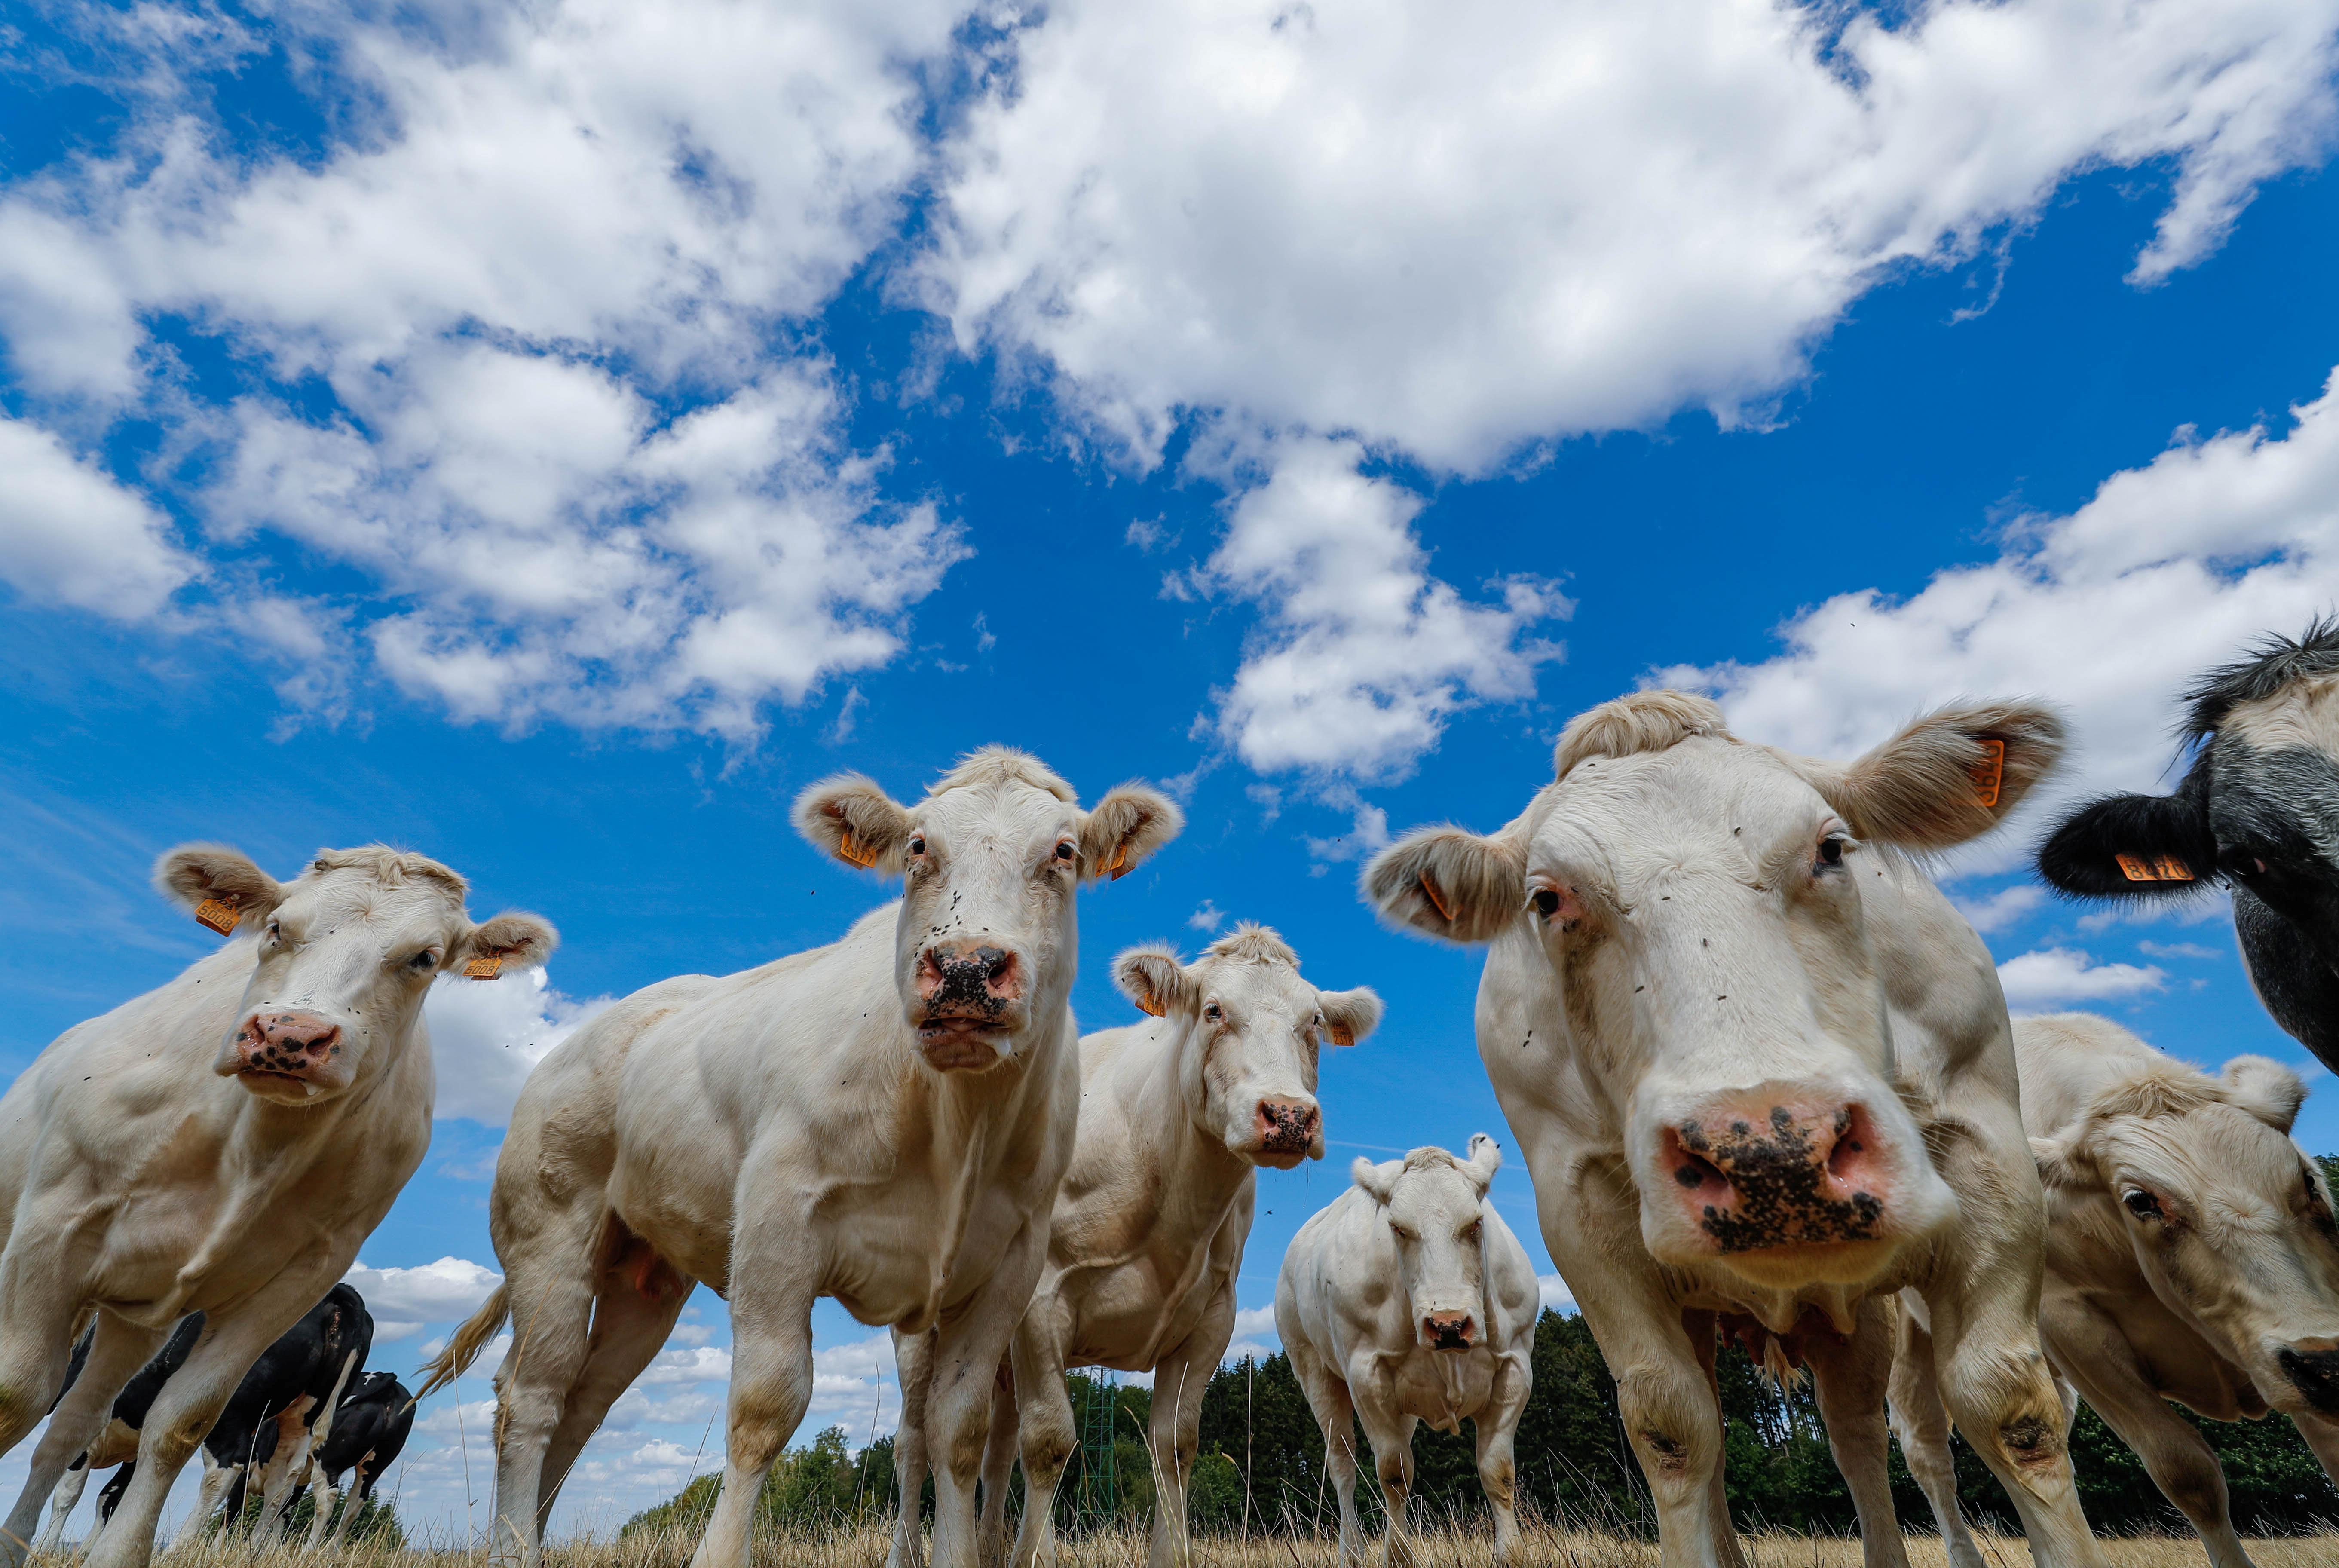 Alexandria Ocasio-Cortez put cows in the political spotlight — Quartz